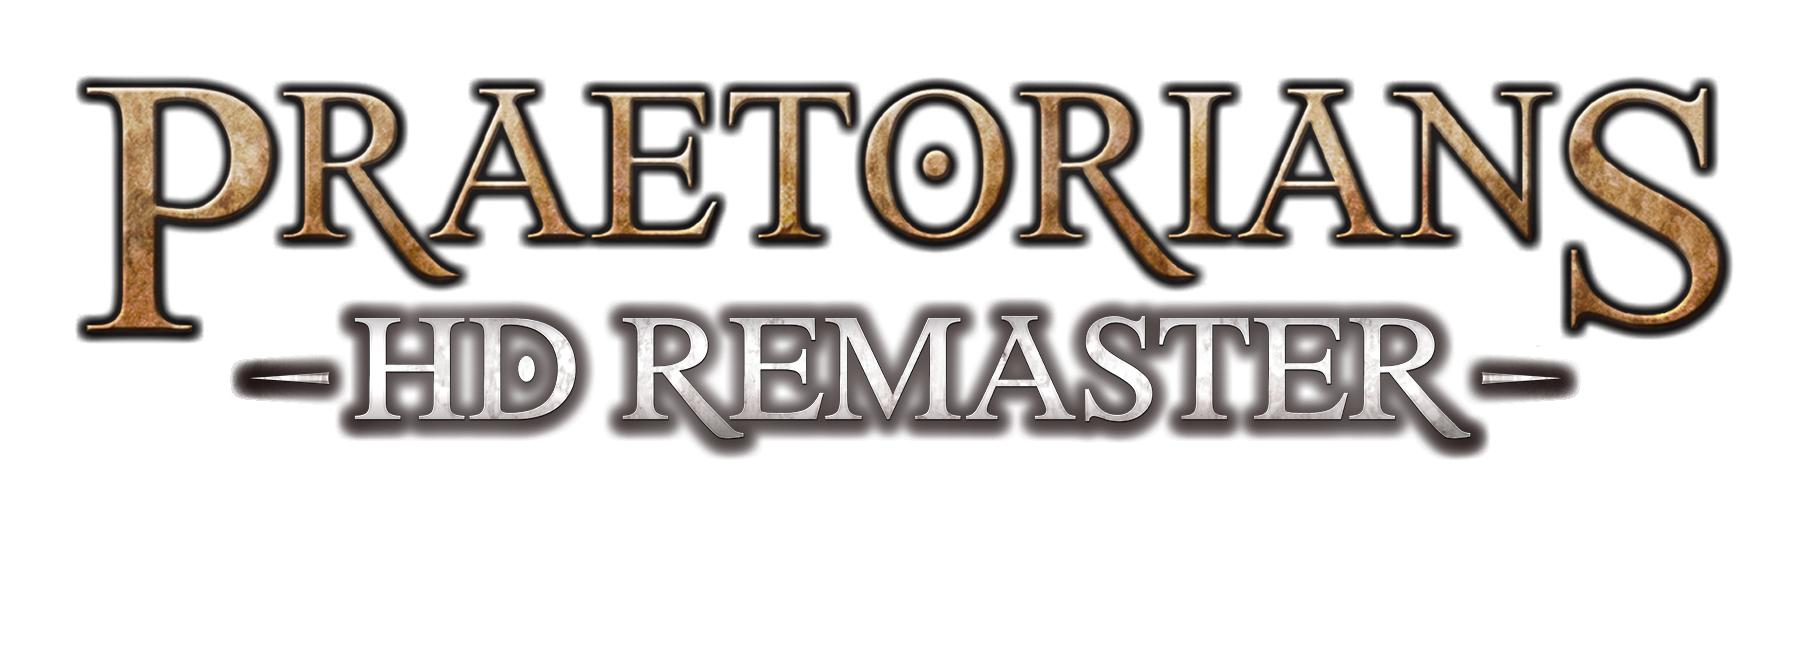 Praetorians HD Remasterd - простой обзор на простой ремастер